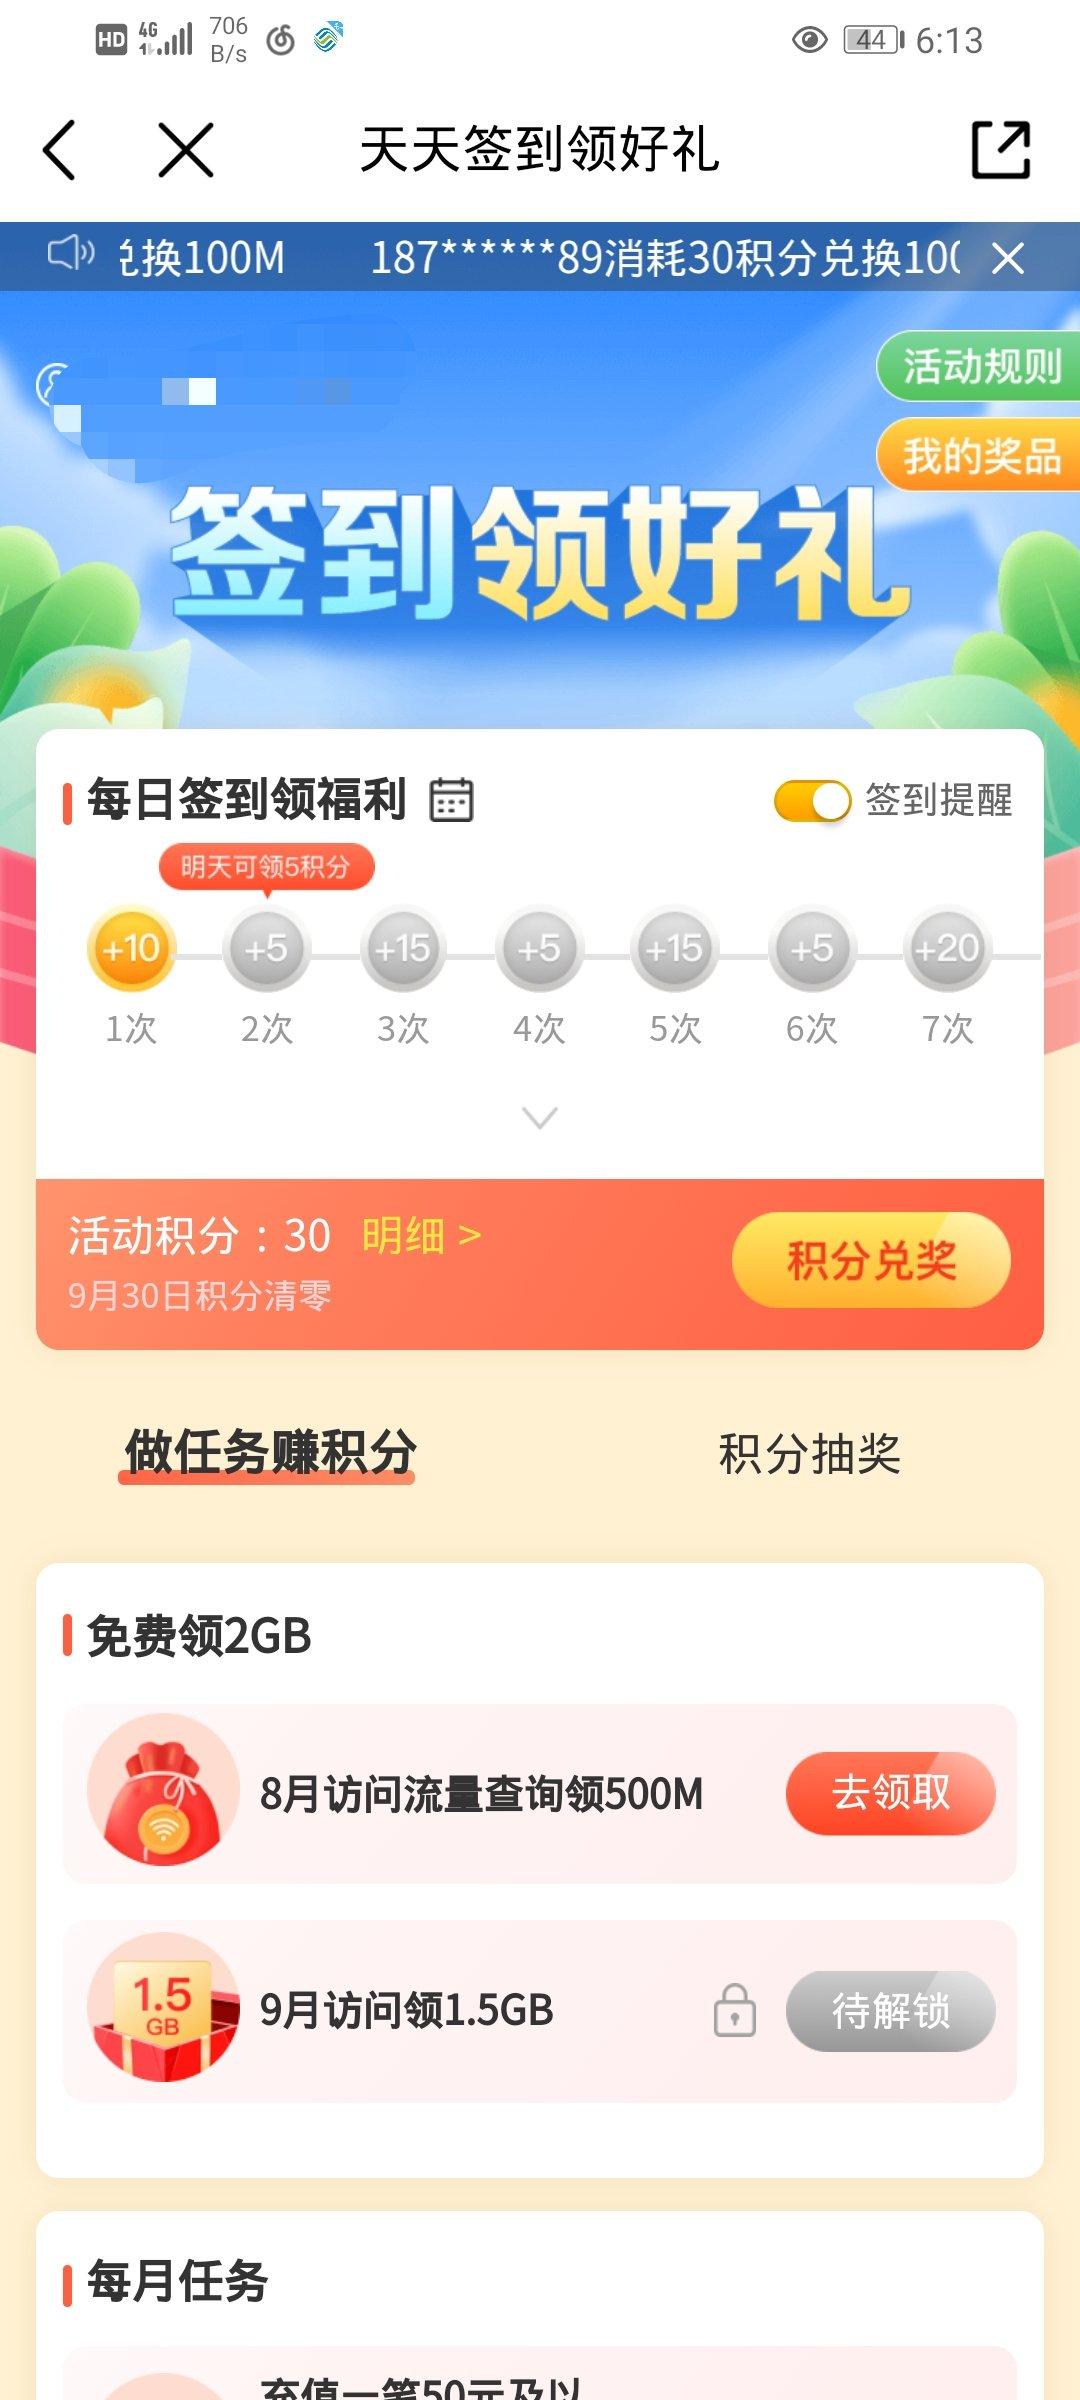 【通话费流量】中国移动接收500M流量插图